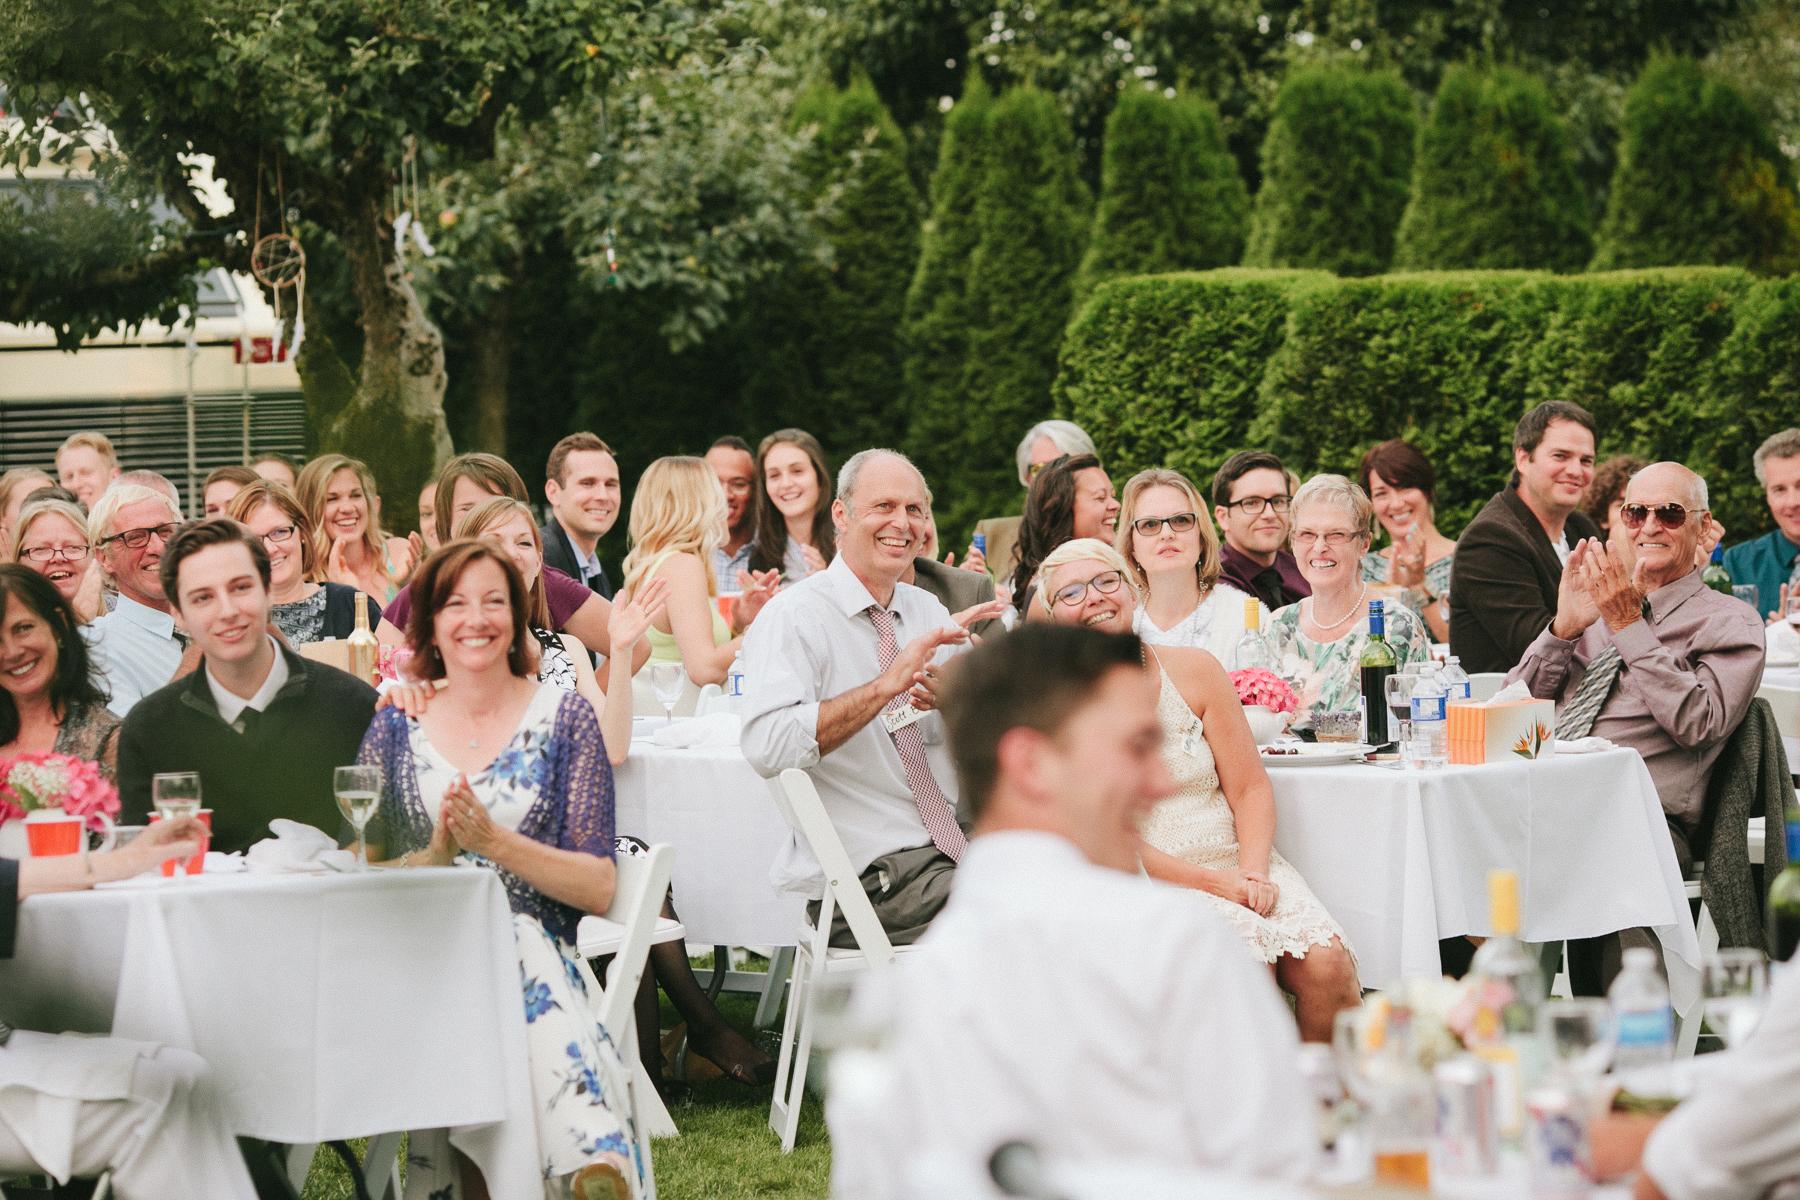 Vancouver-Rustic-Farm-Wedding-KB-187.jpg